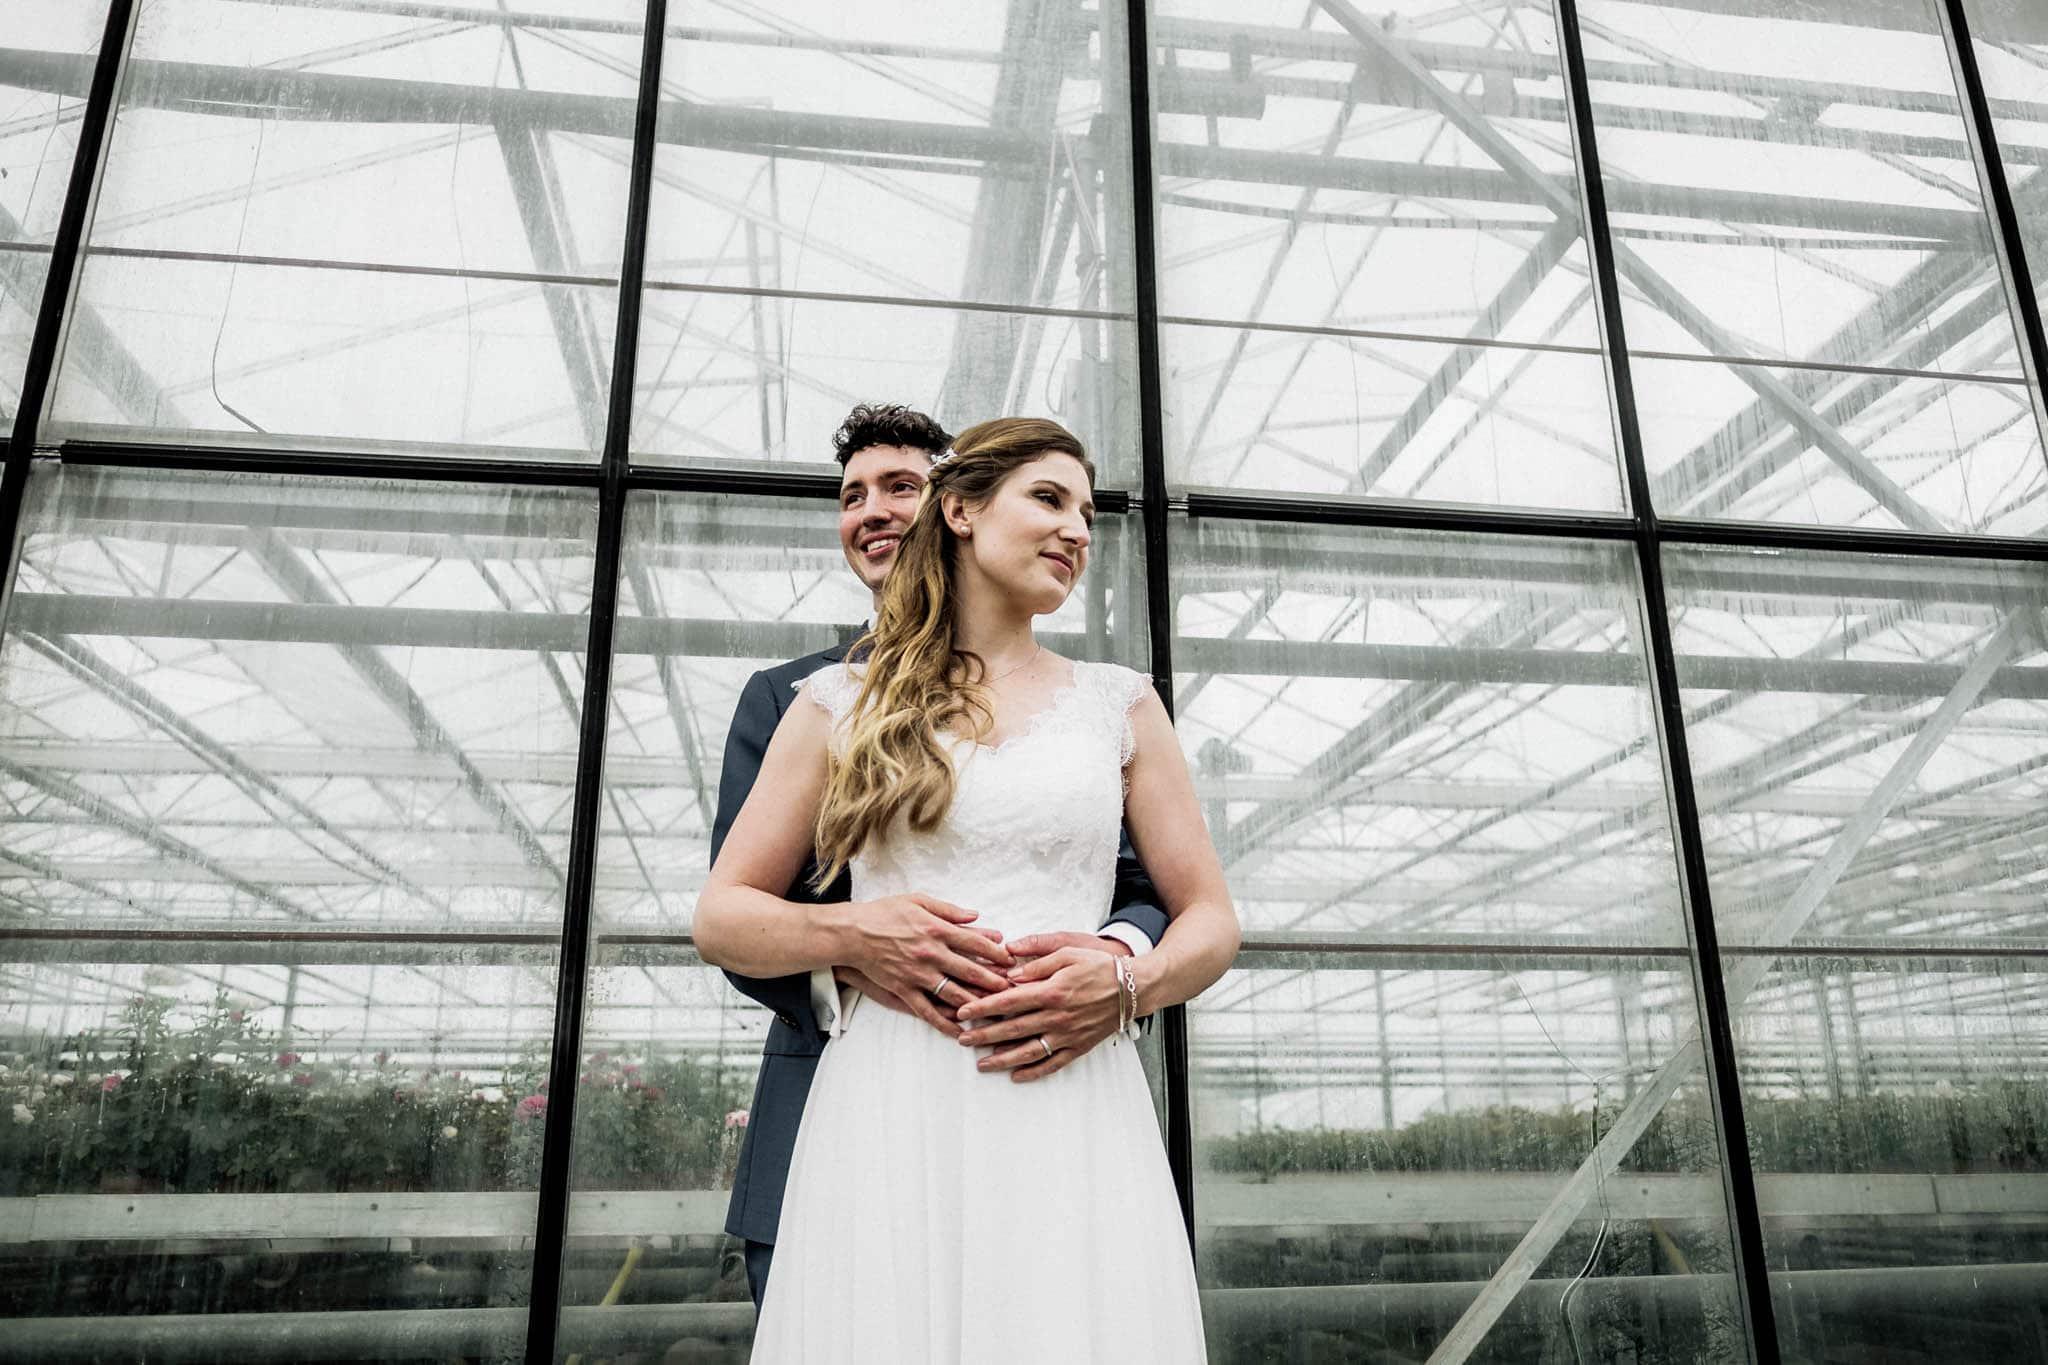 Hochzeitsfieber by Photo-Schomburg, Hochzeitsfotograf, Hamburg, Hochzeitsbilder, Braut, Brautpaar, Bräutigam, Zollenspieker Fährhaus-86